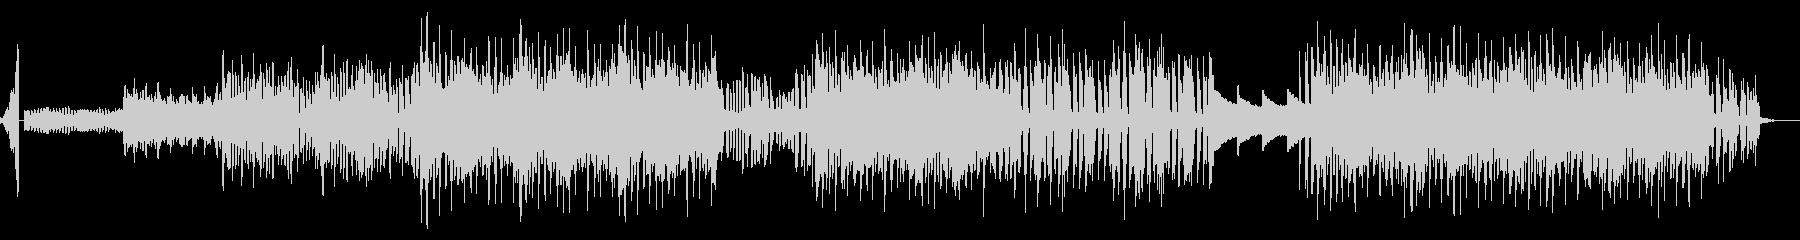 スパークドラム 夏のヒップホップバラードの未再生の波形